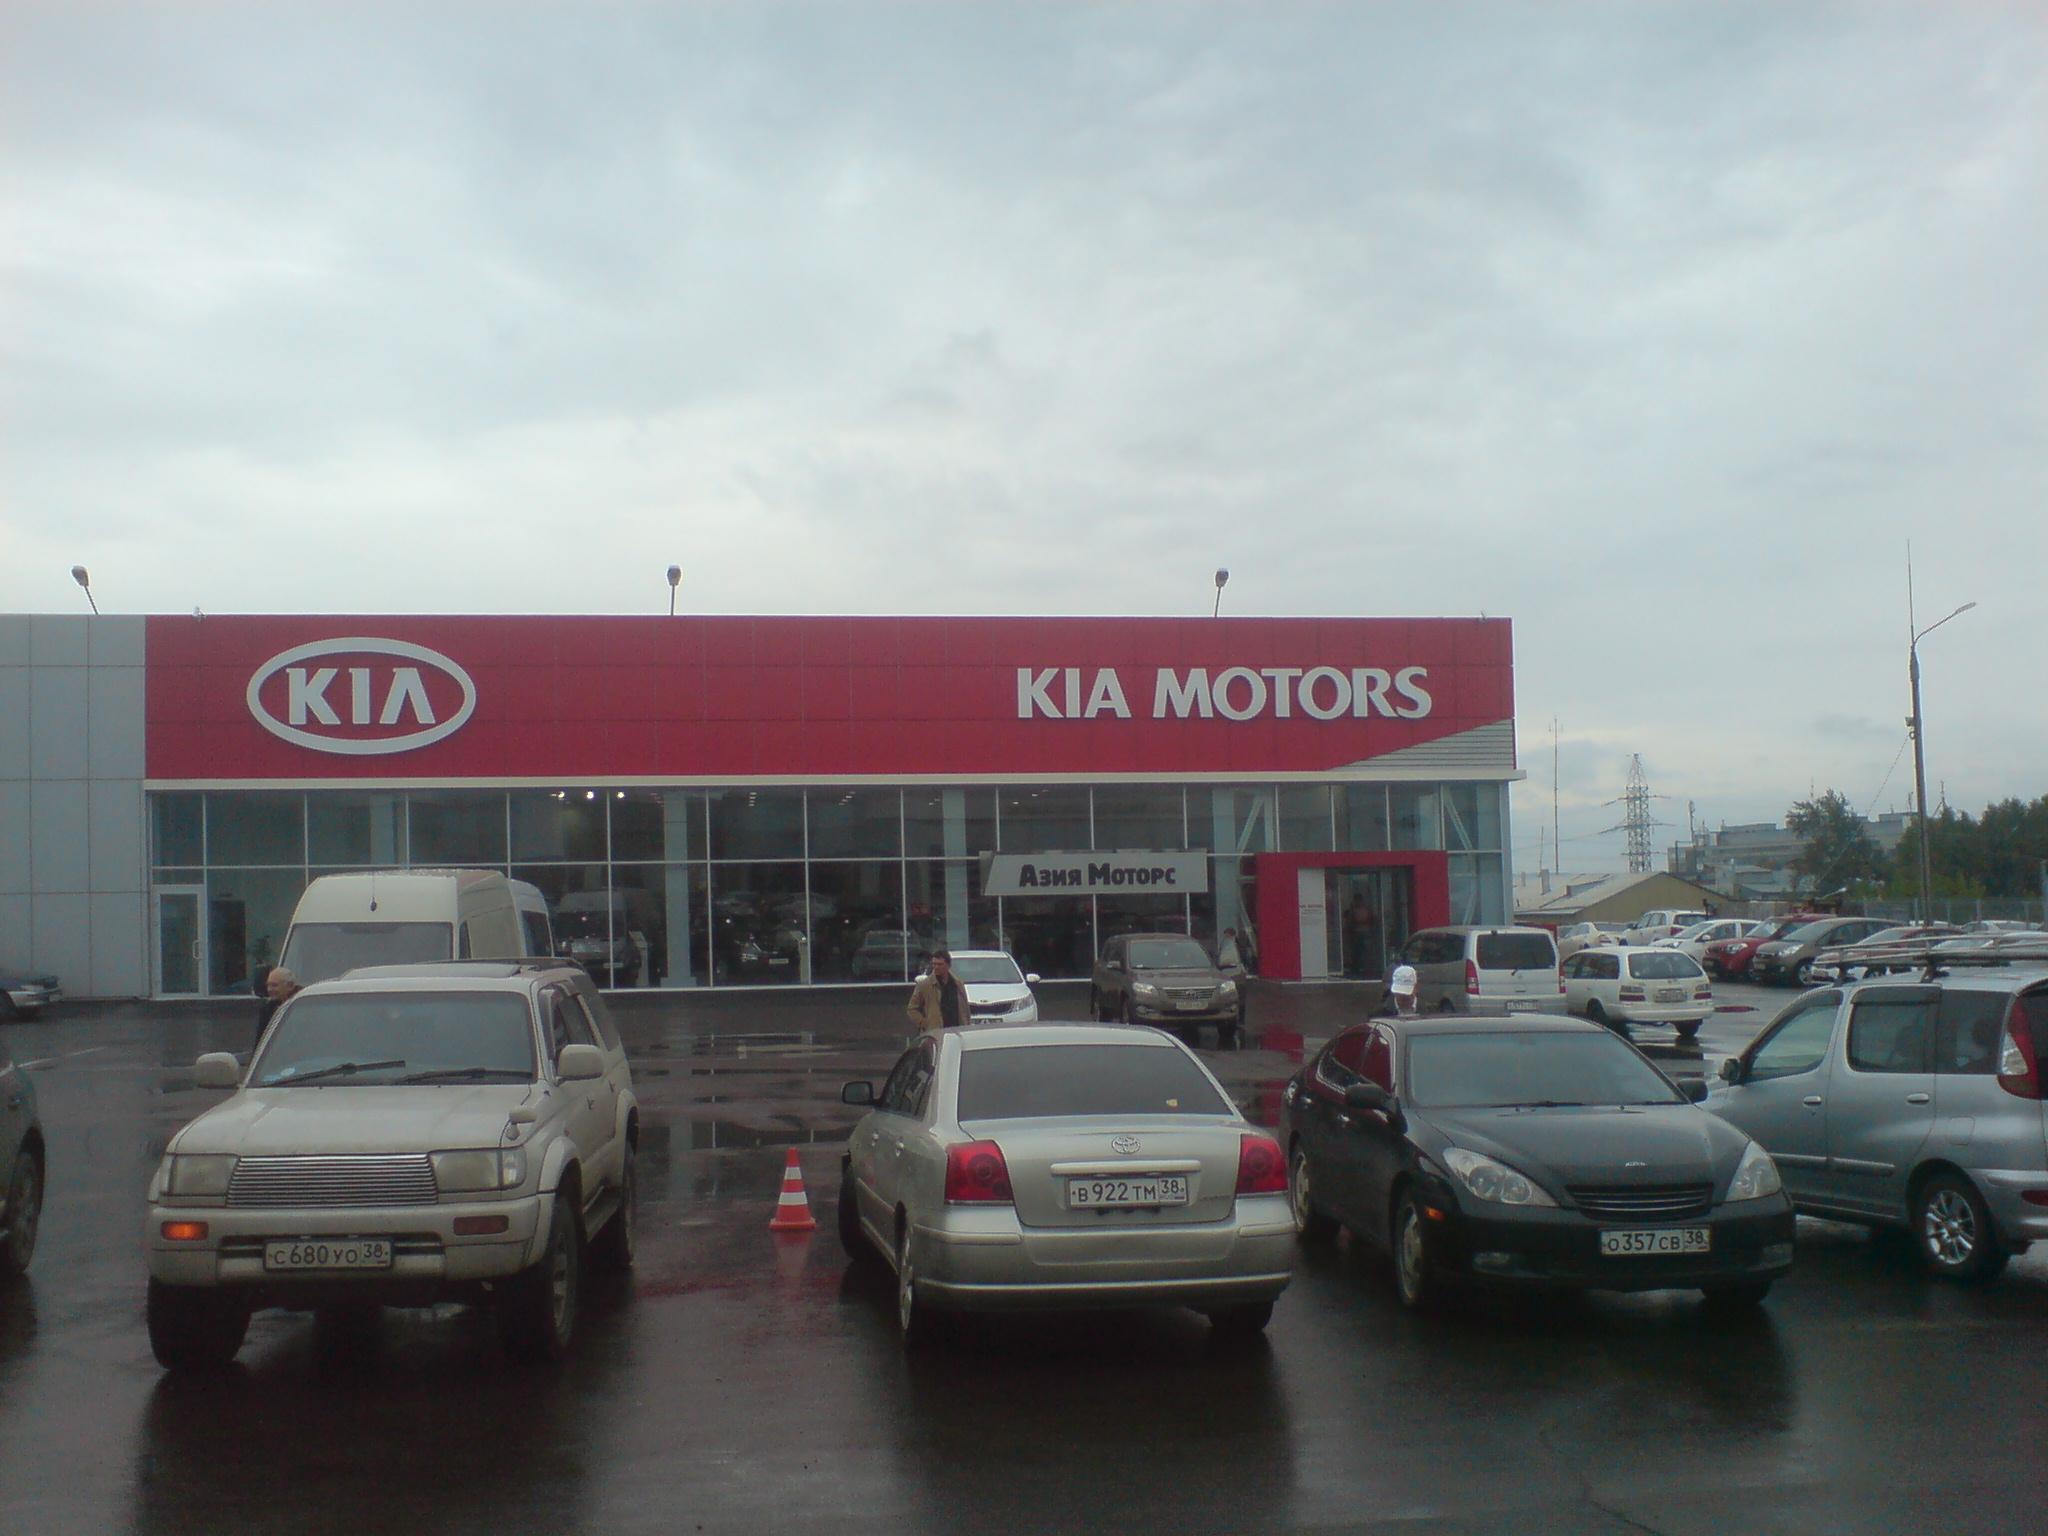 Приведет ли назначение в Новосибирске третьего официального дилера KIA к уходу с рынка действующих партнеров? - Картинка